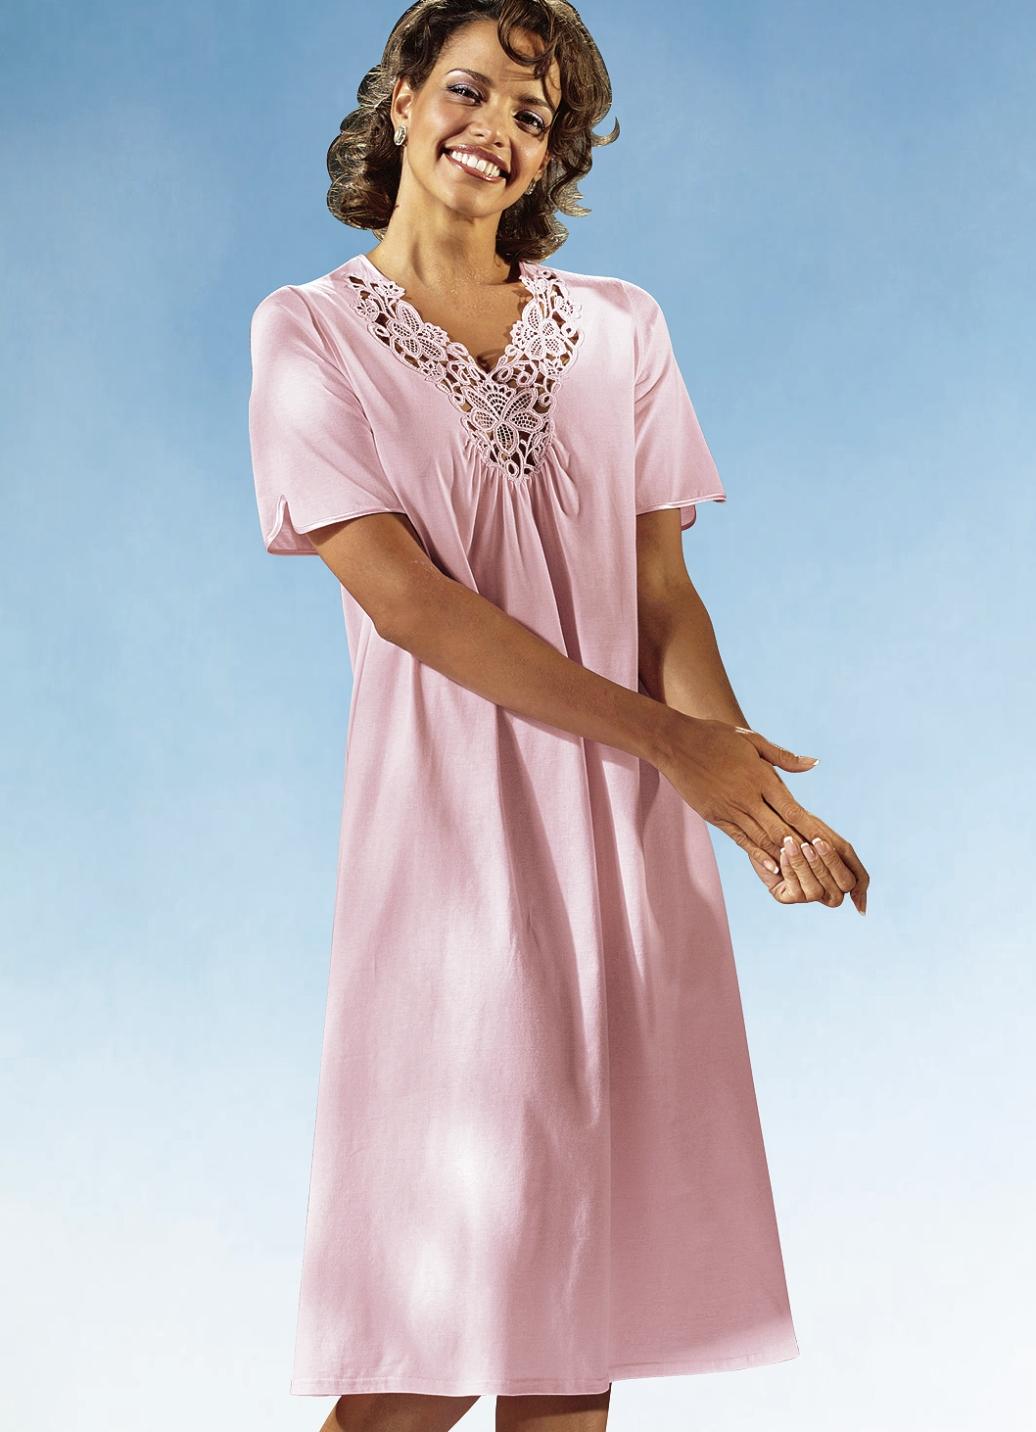 Nachthemden von BADER für Frauen günstig online kaufen bei ...